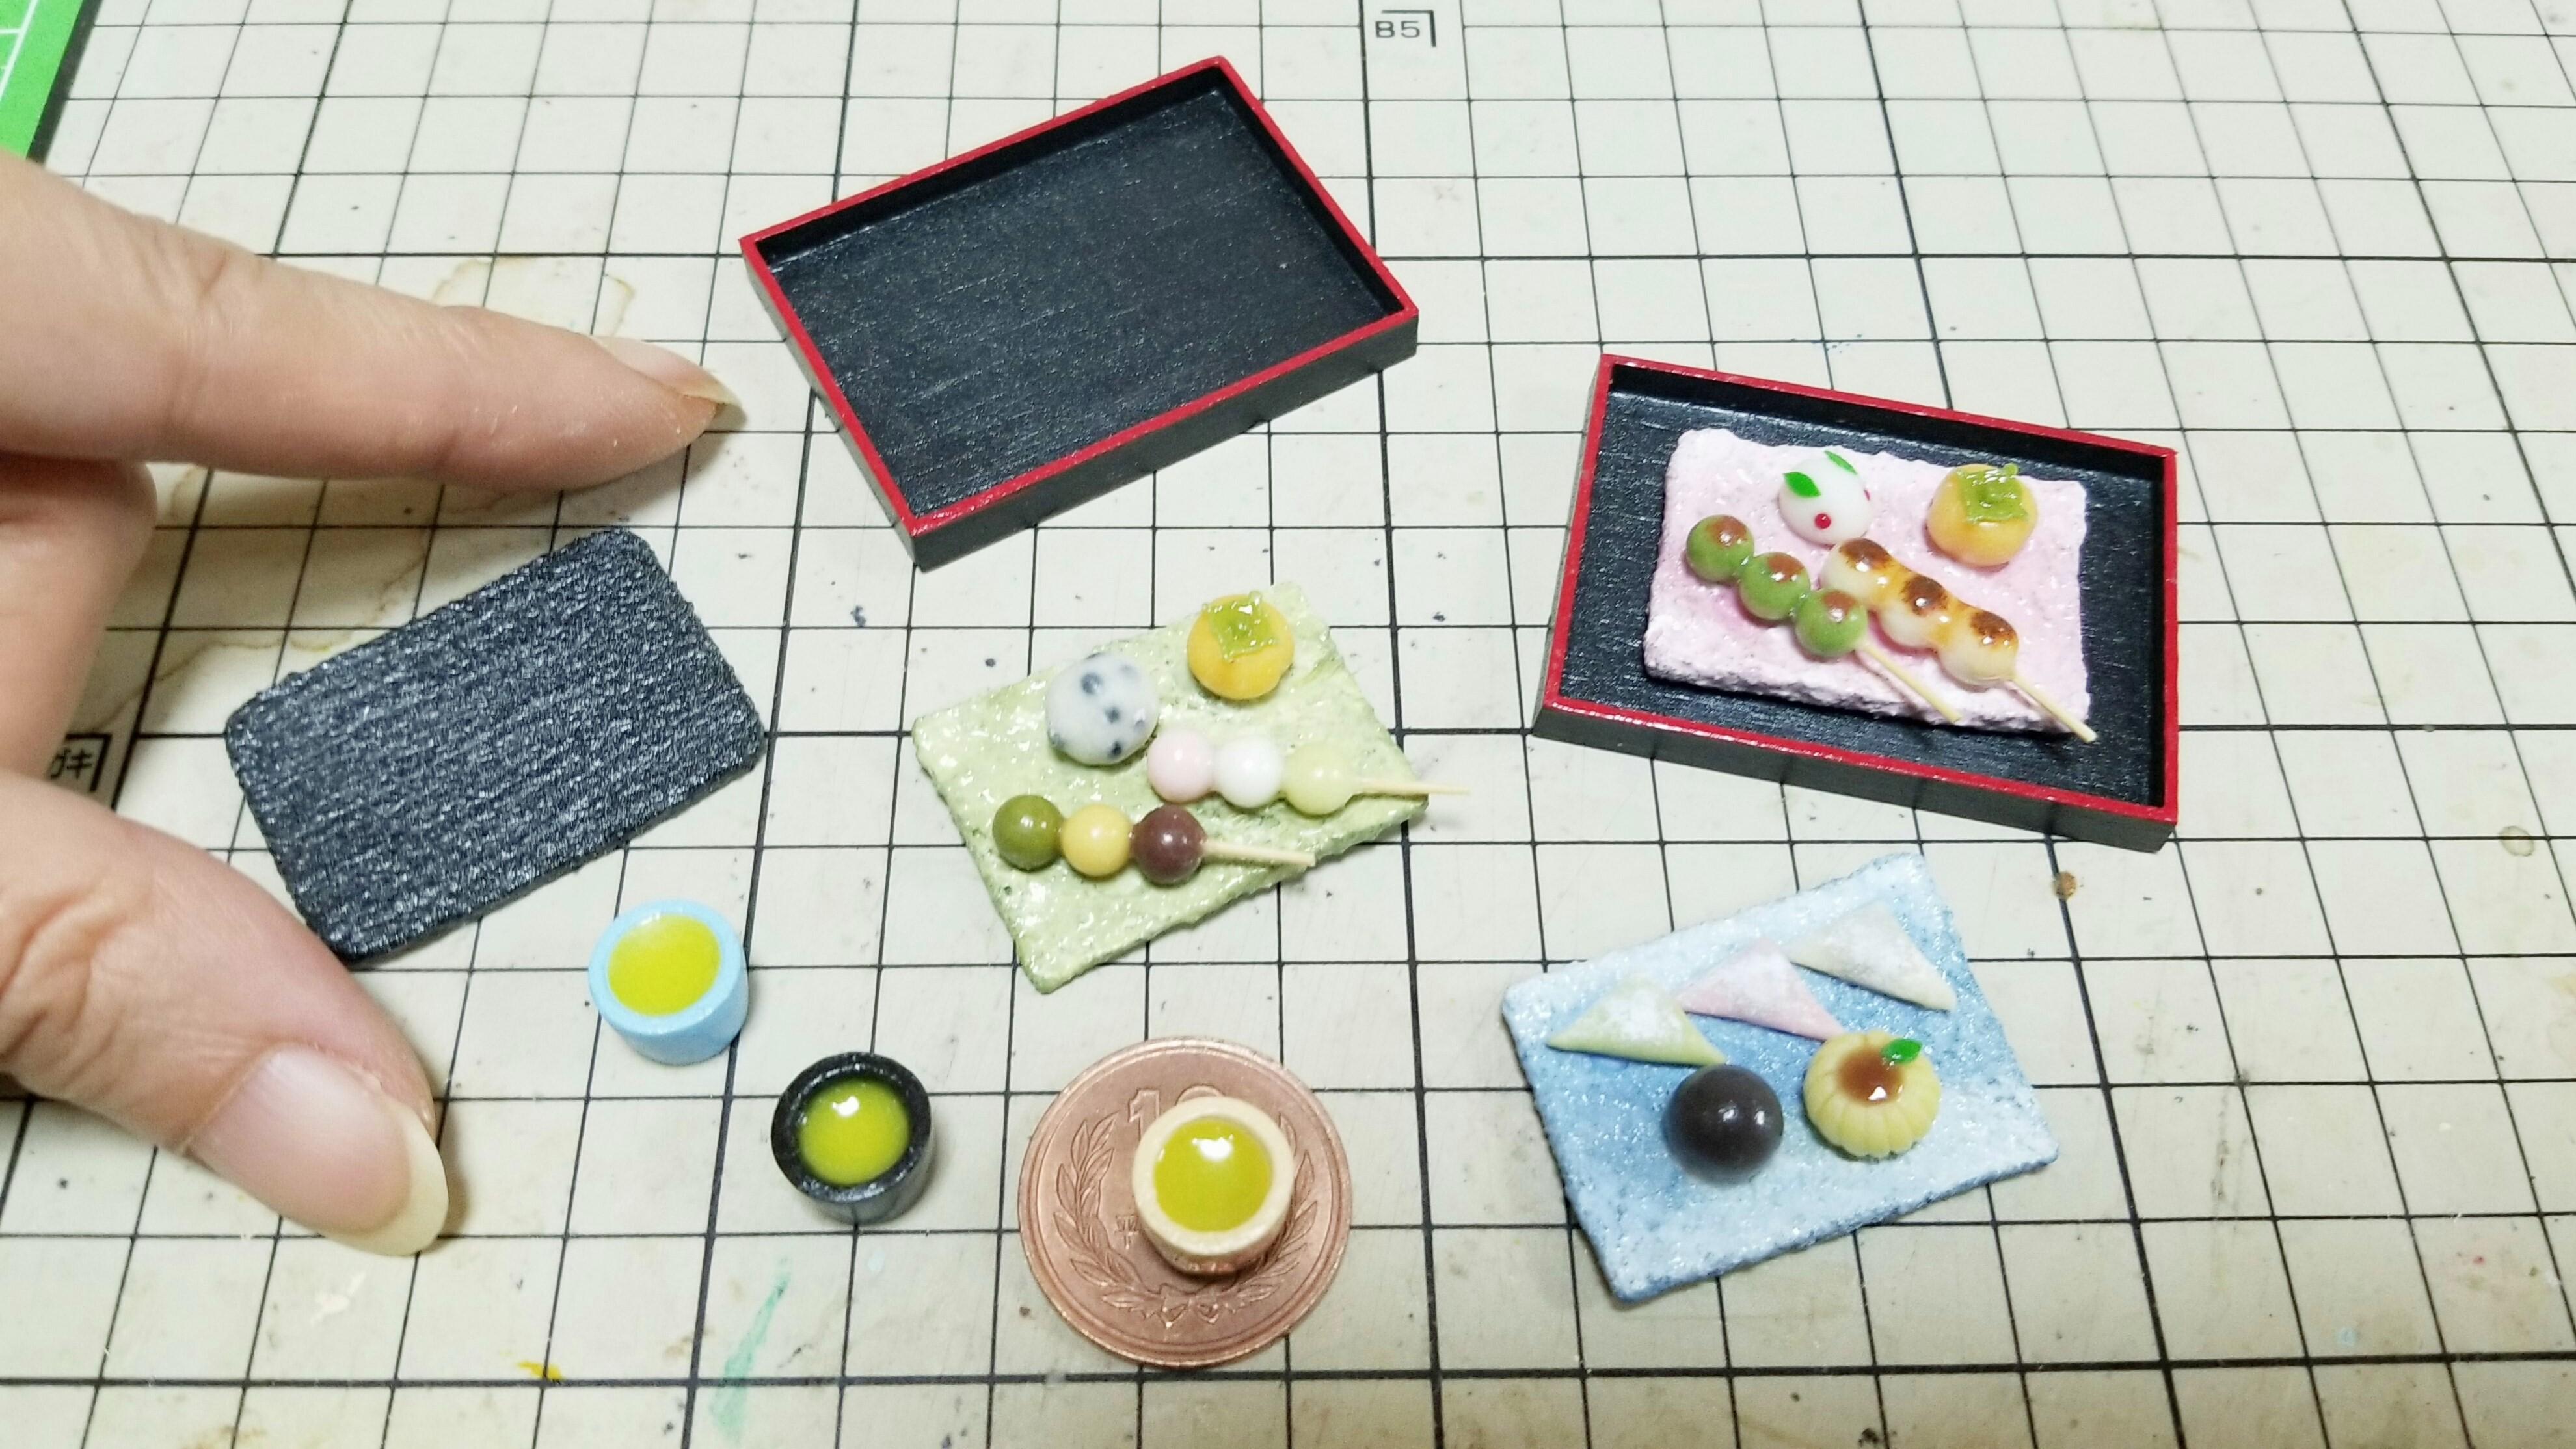 おいしい美味しそうな画像和菓子おすすめ人気商品ミニチュアブログ